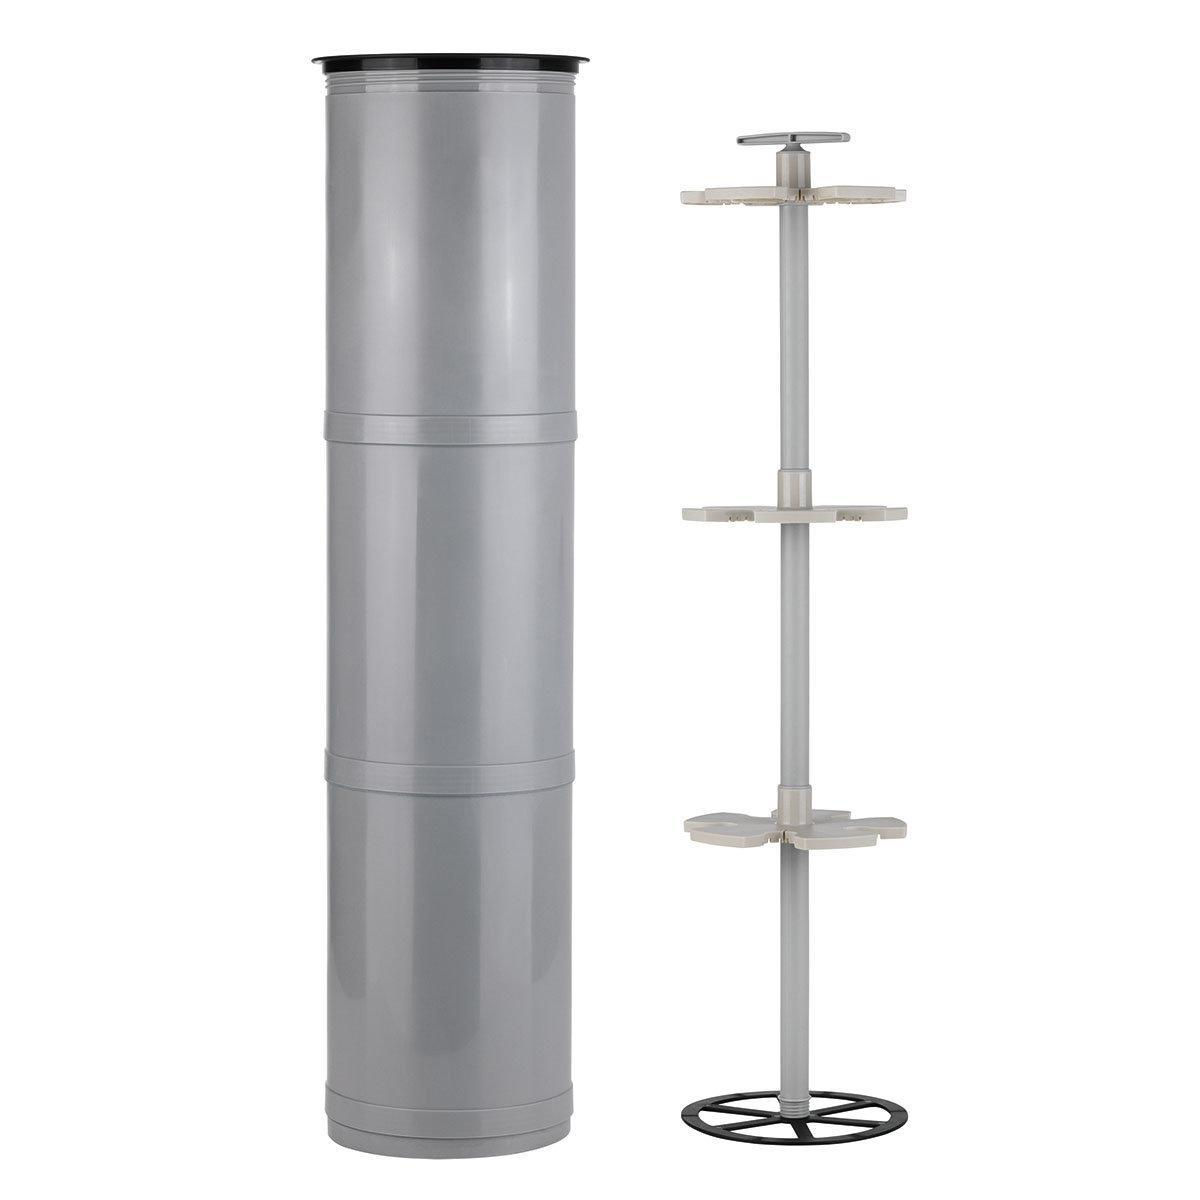 EASYmaxx Flaschenkühler Outdoor | #6